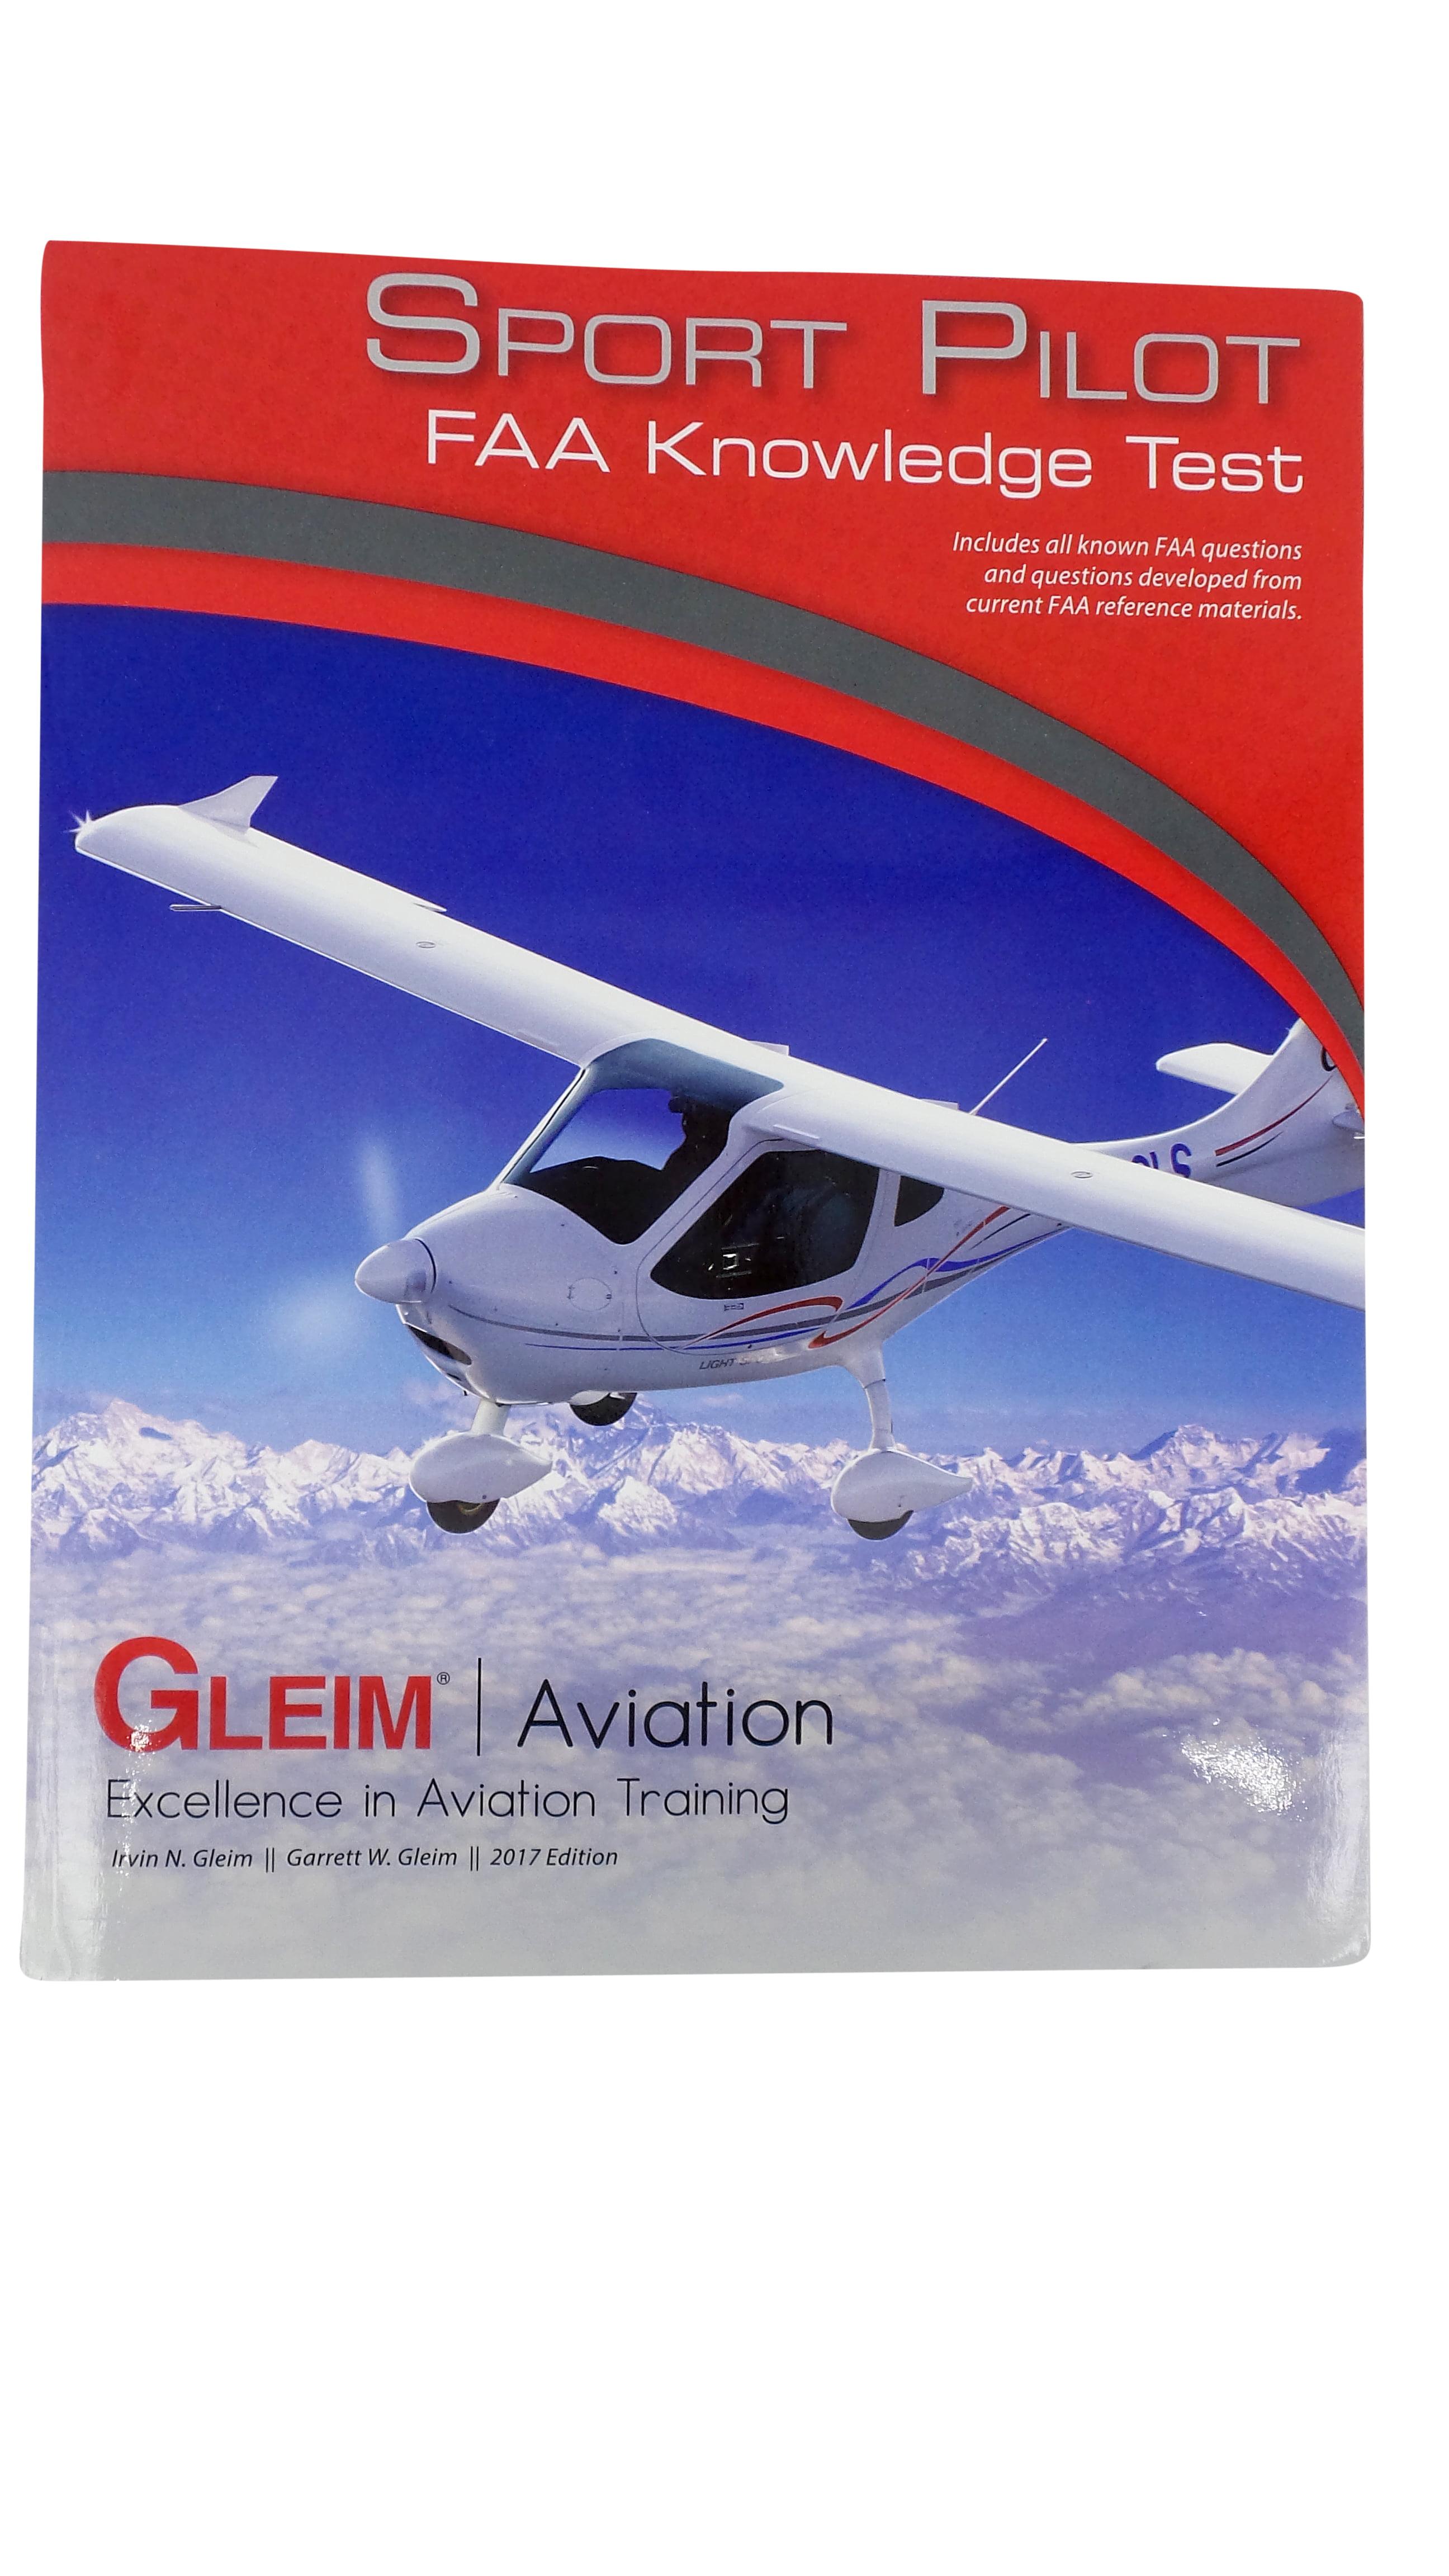 Gleim 2018 Sport Pilot FAA Knowledge Test - Walmart com